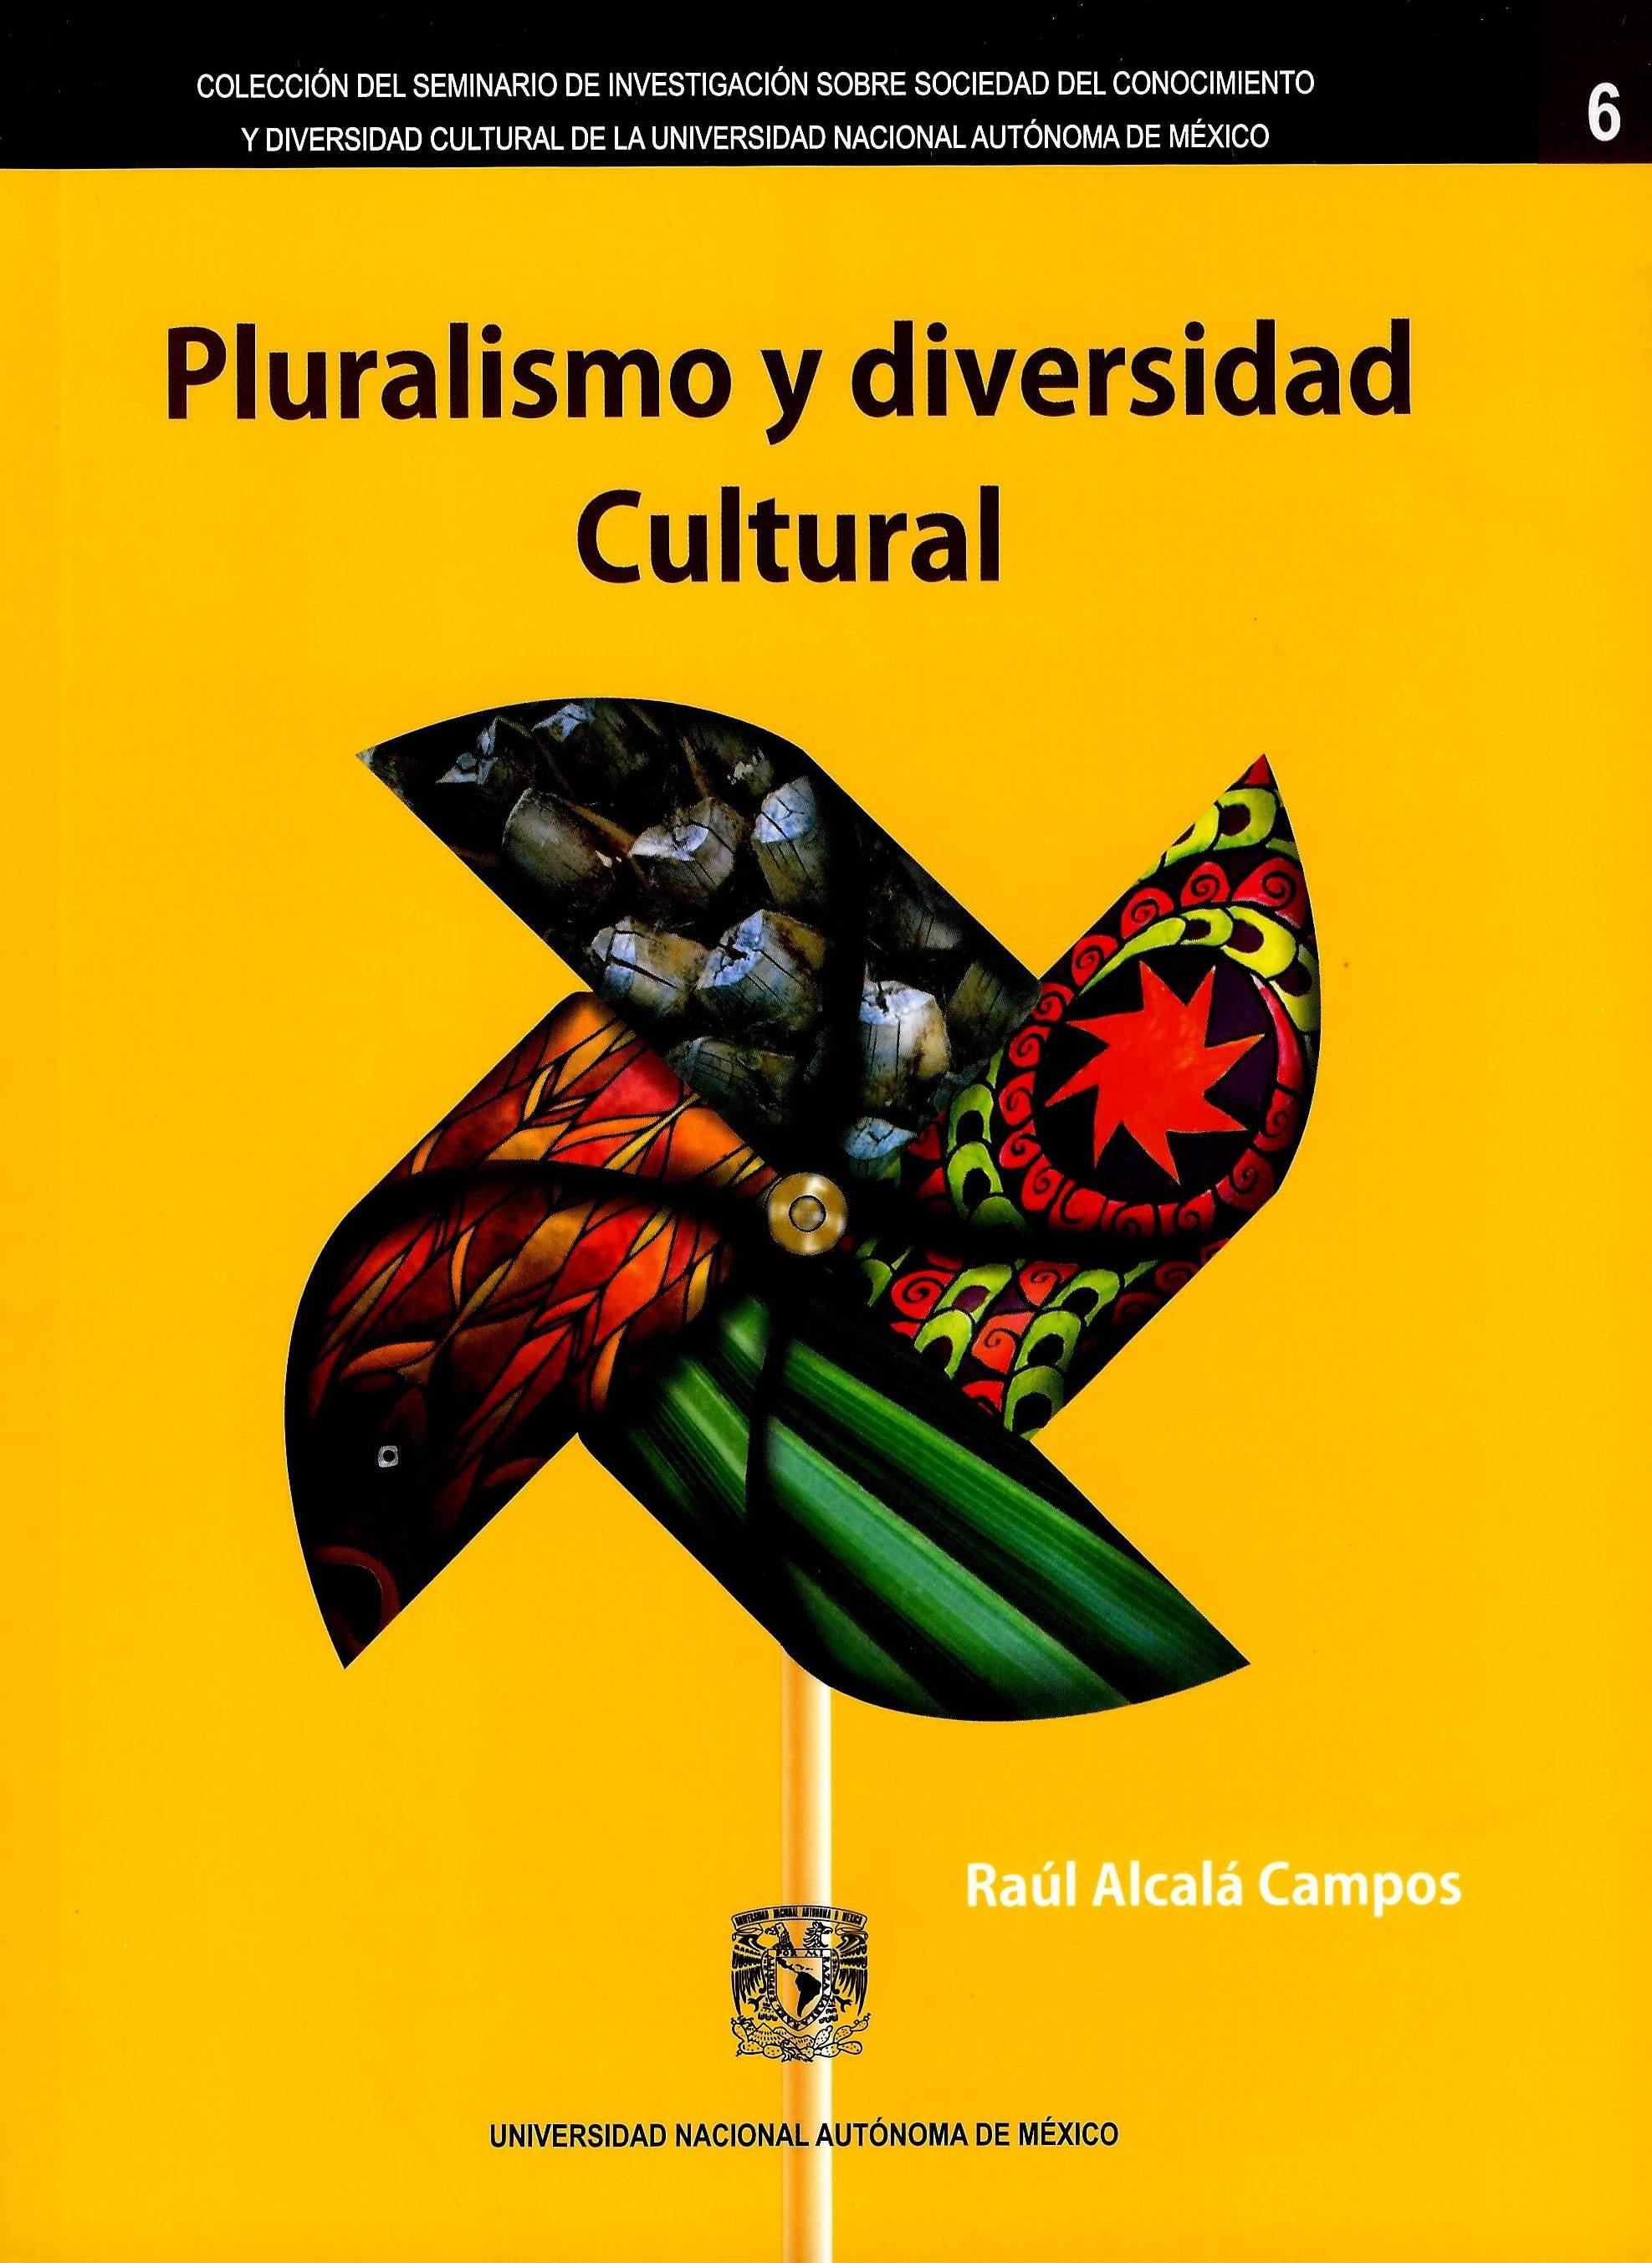 Pluralismo y diversidad cultural